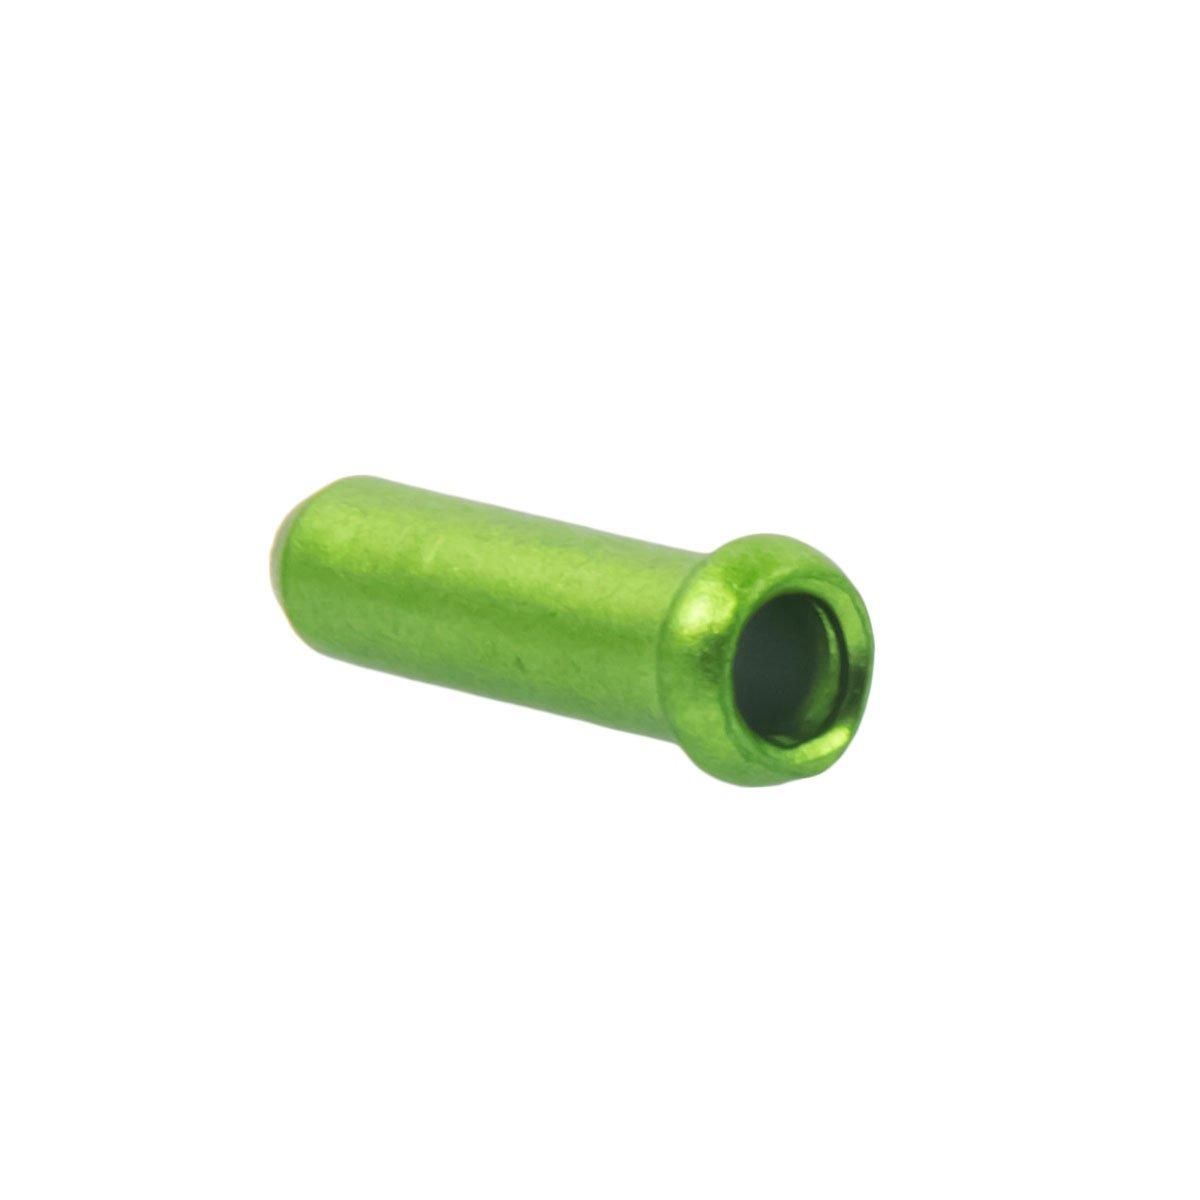 Chooee100pcs Tapa De Freno De Bicicleta De Monta/ña Desviador Palanca Cambios Cable Tapas De Extremo Engarzado Cable End Crimpea Oro//Rojo//Azul//Verde//Nergo//Naranja